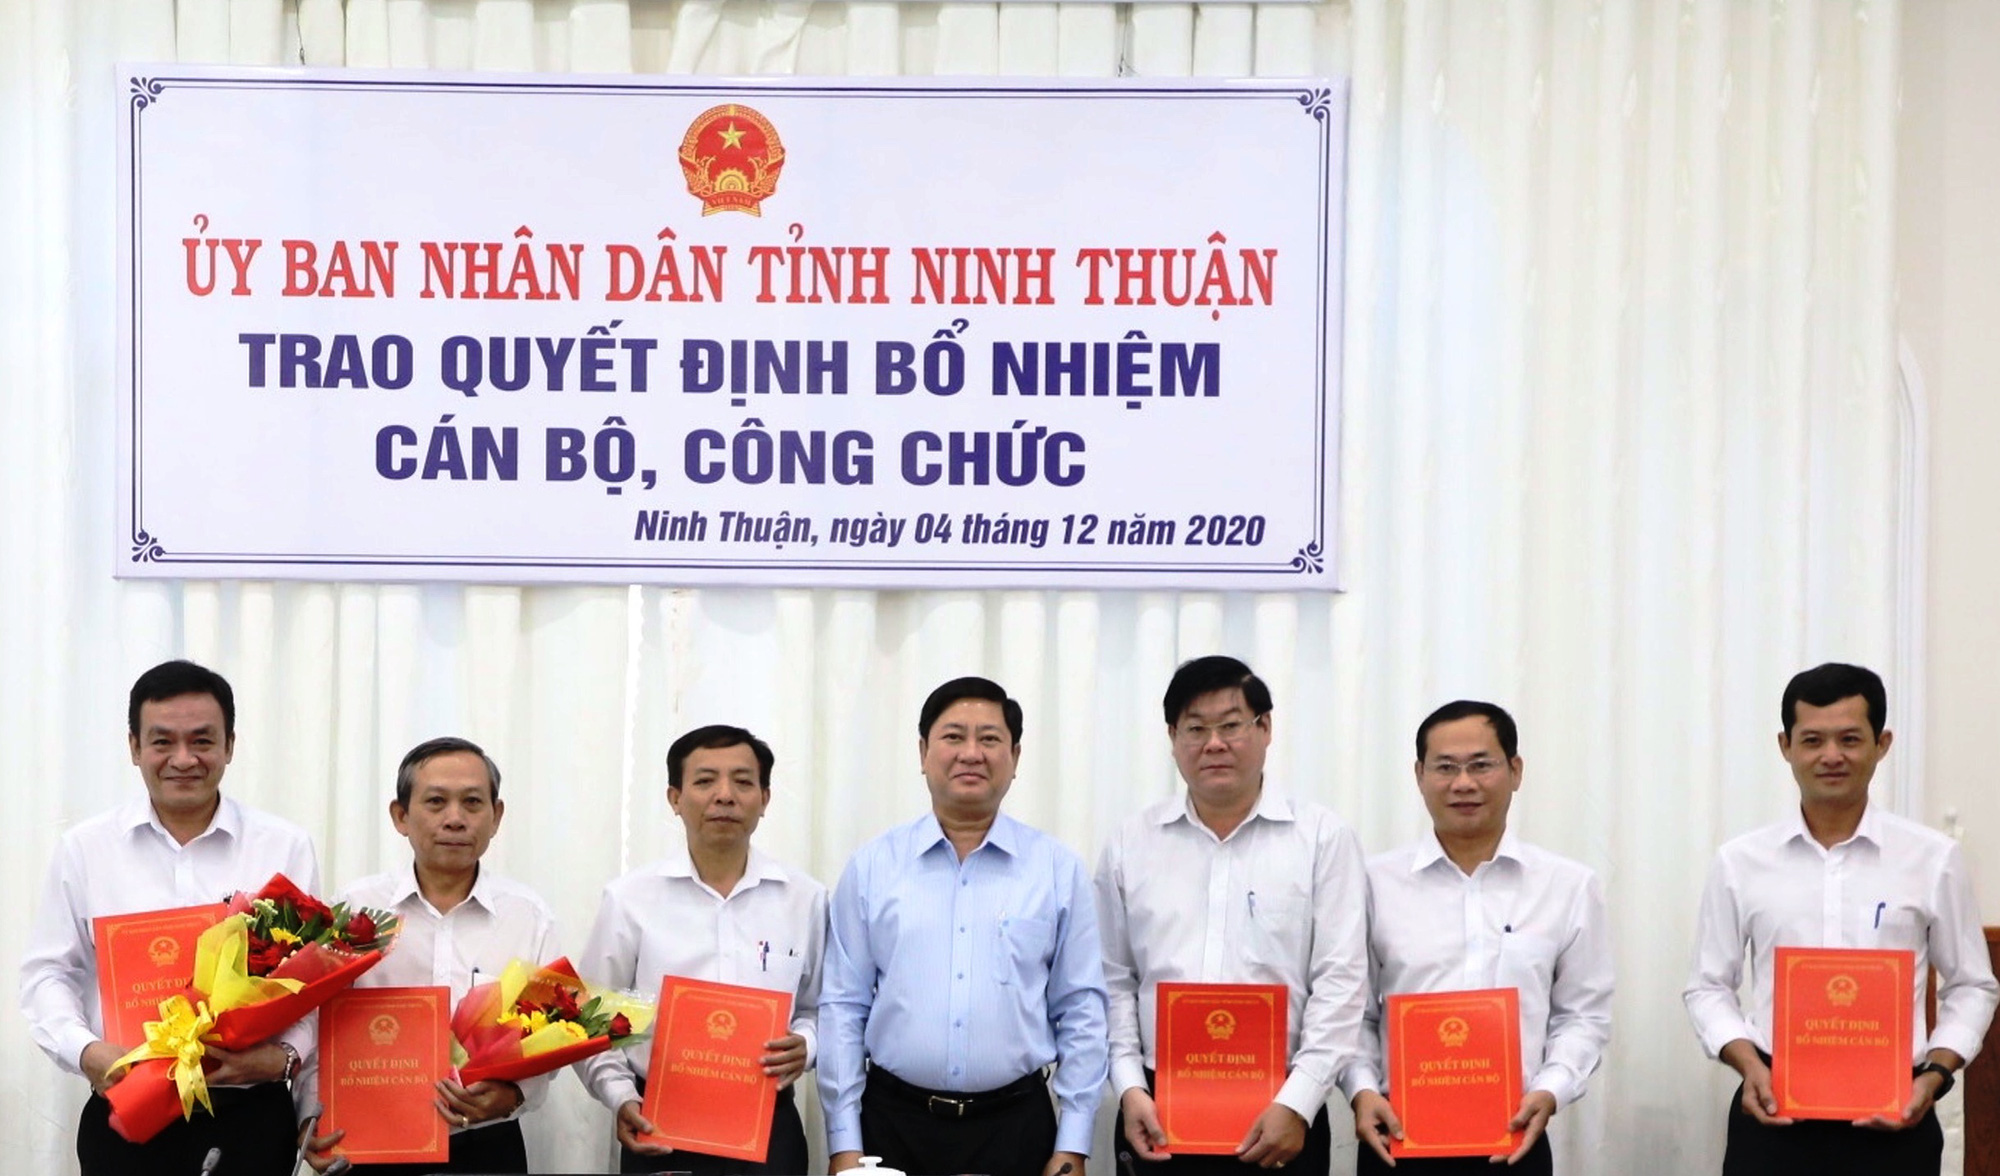 Ninh Thuận: Bổ nhiệm nhiều cán bộ chủ chốt - Ảnh 1.